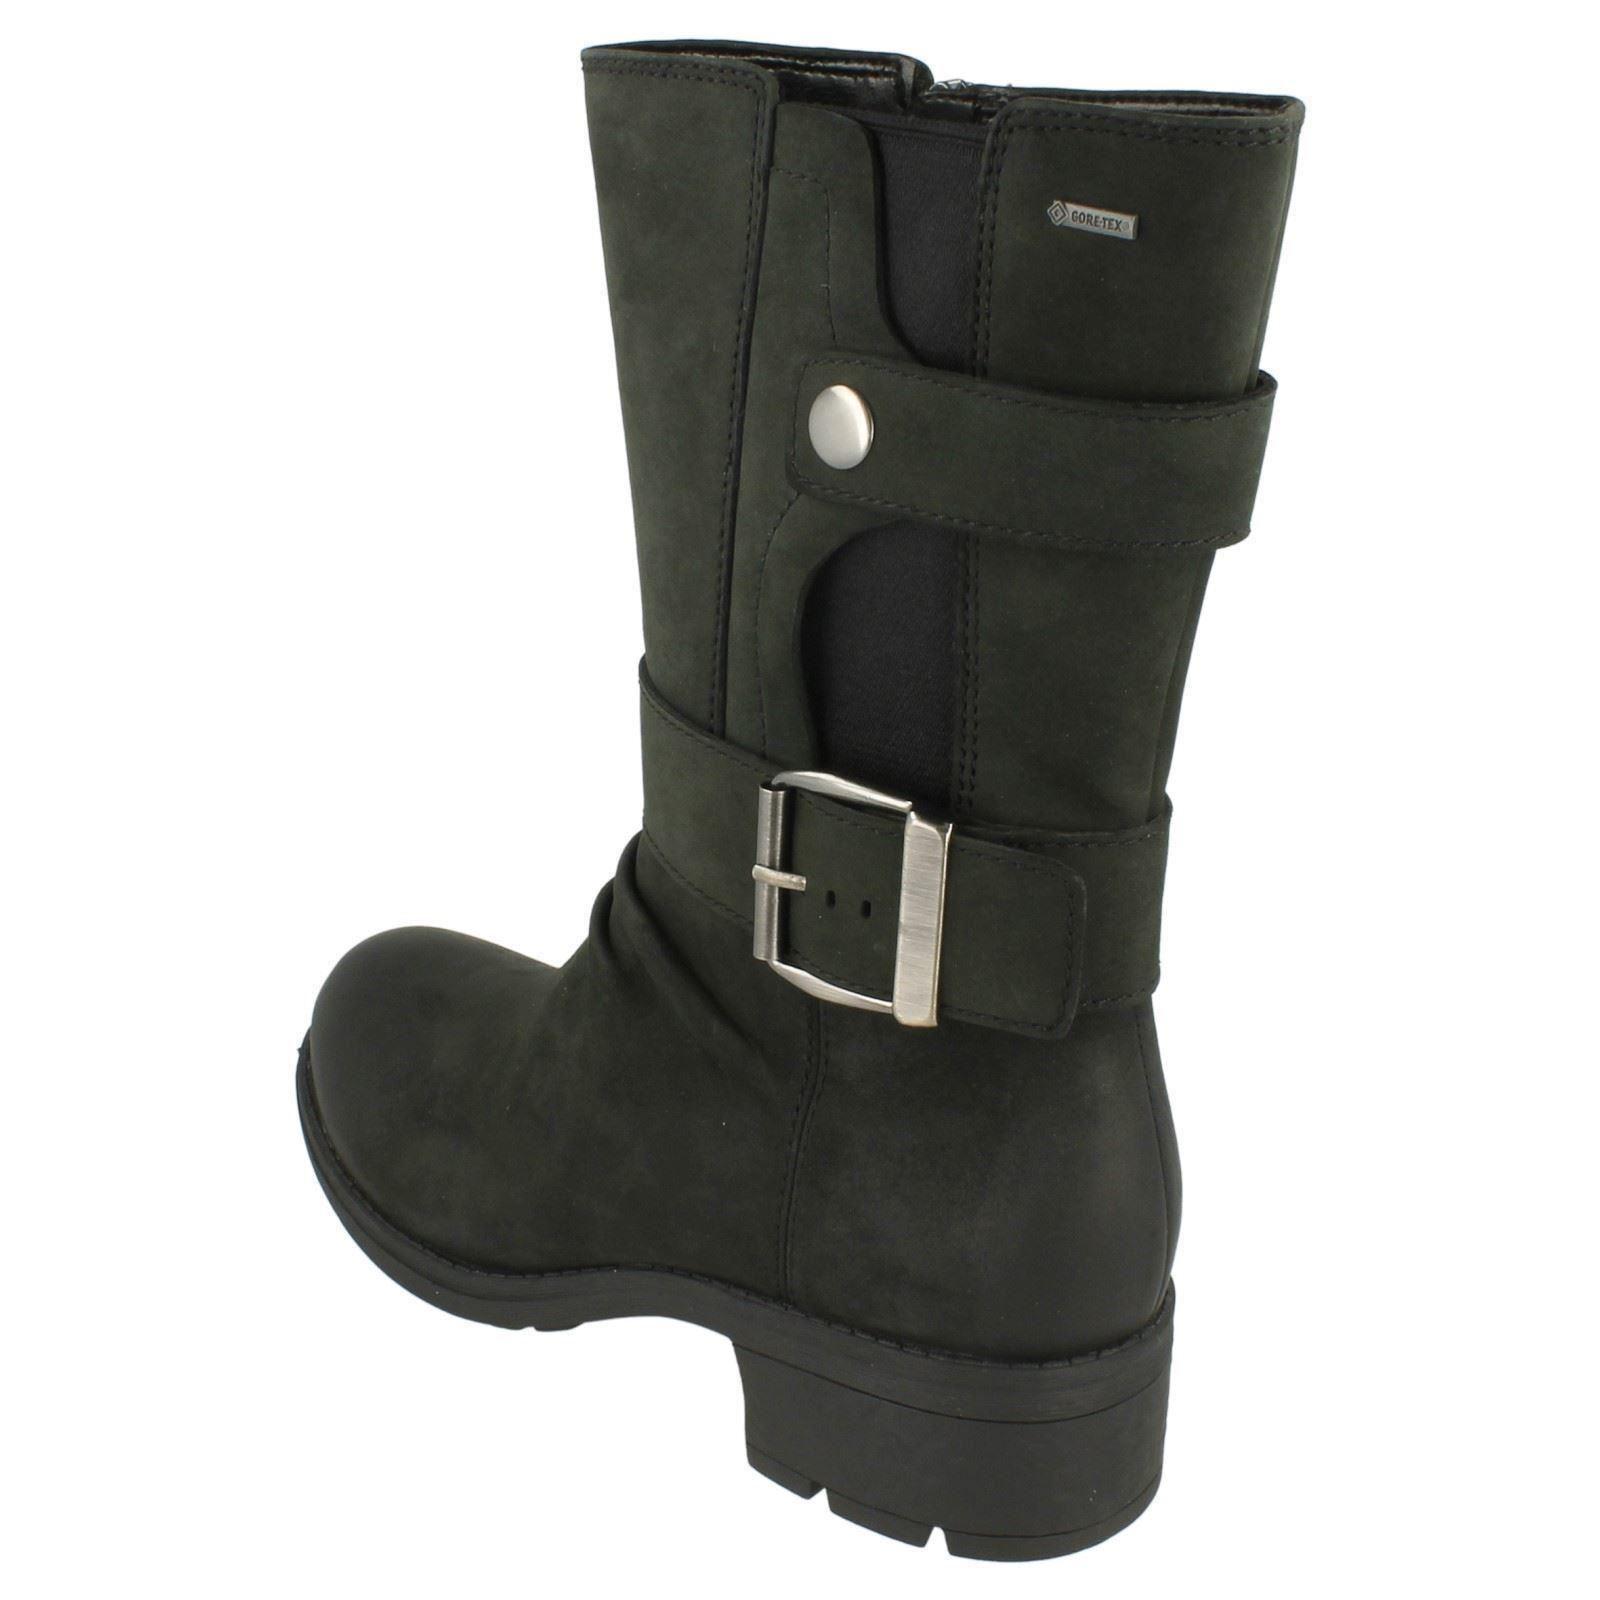 Clarks 'Mansi 'Mansi 'Mansi Tess GTX' Ladies Black Leather Biker Style Waterproof Boots D Fit 4bf383